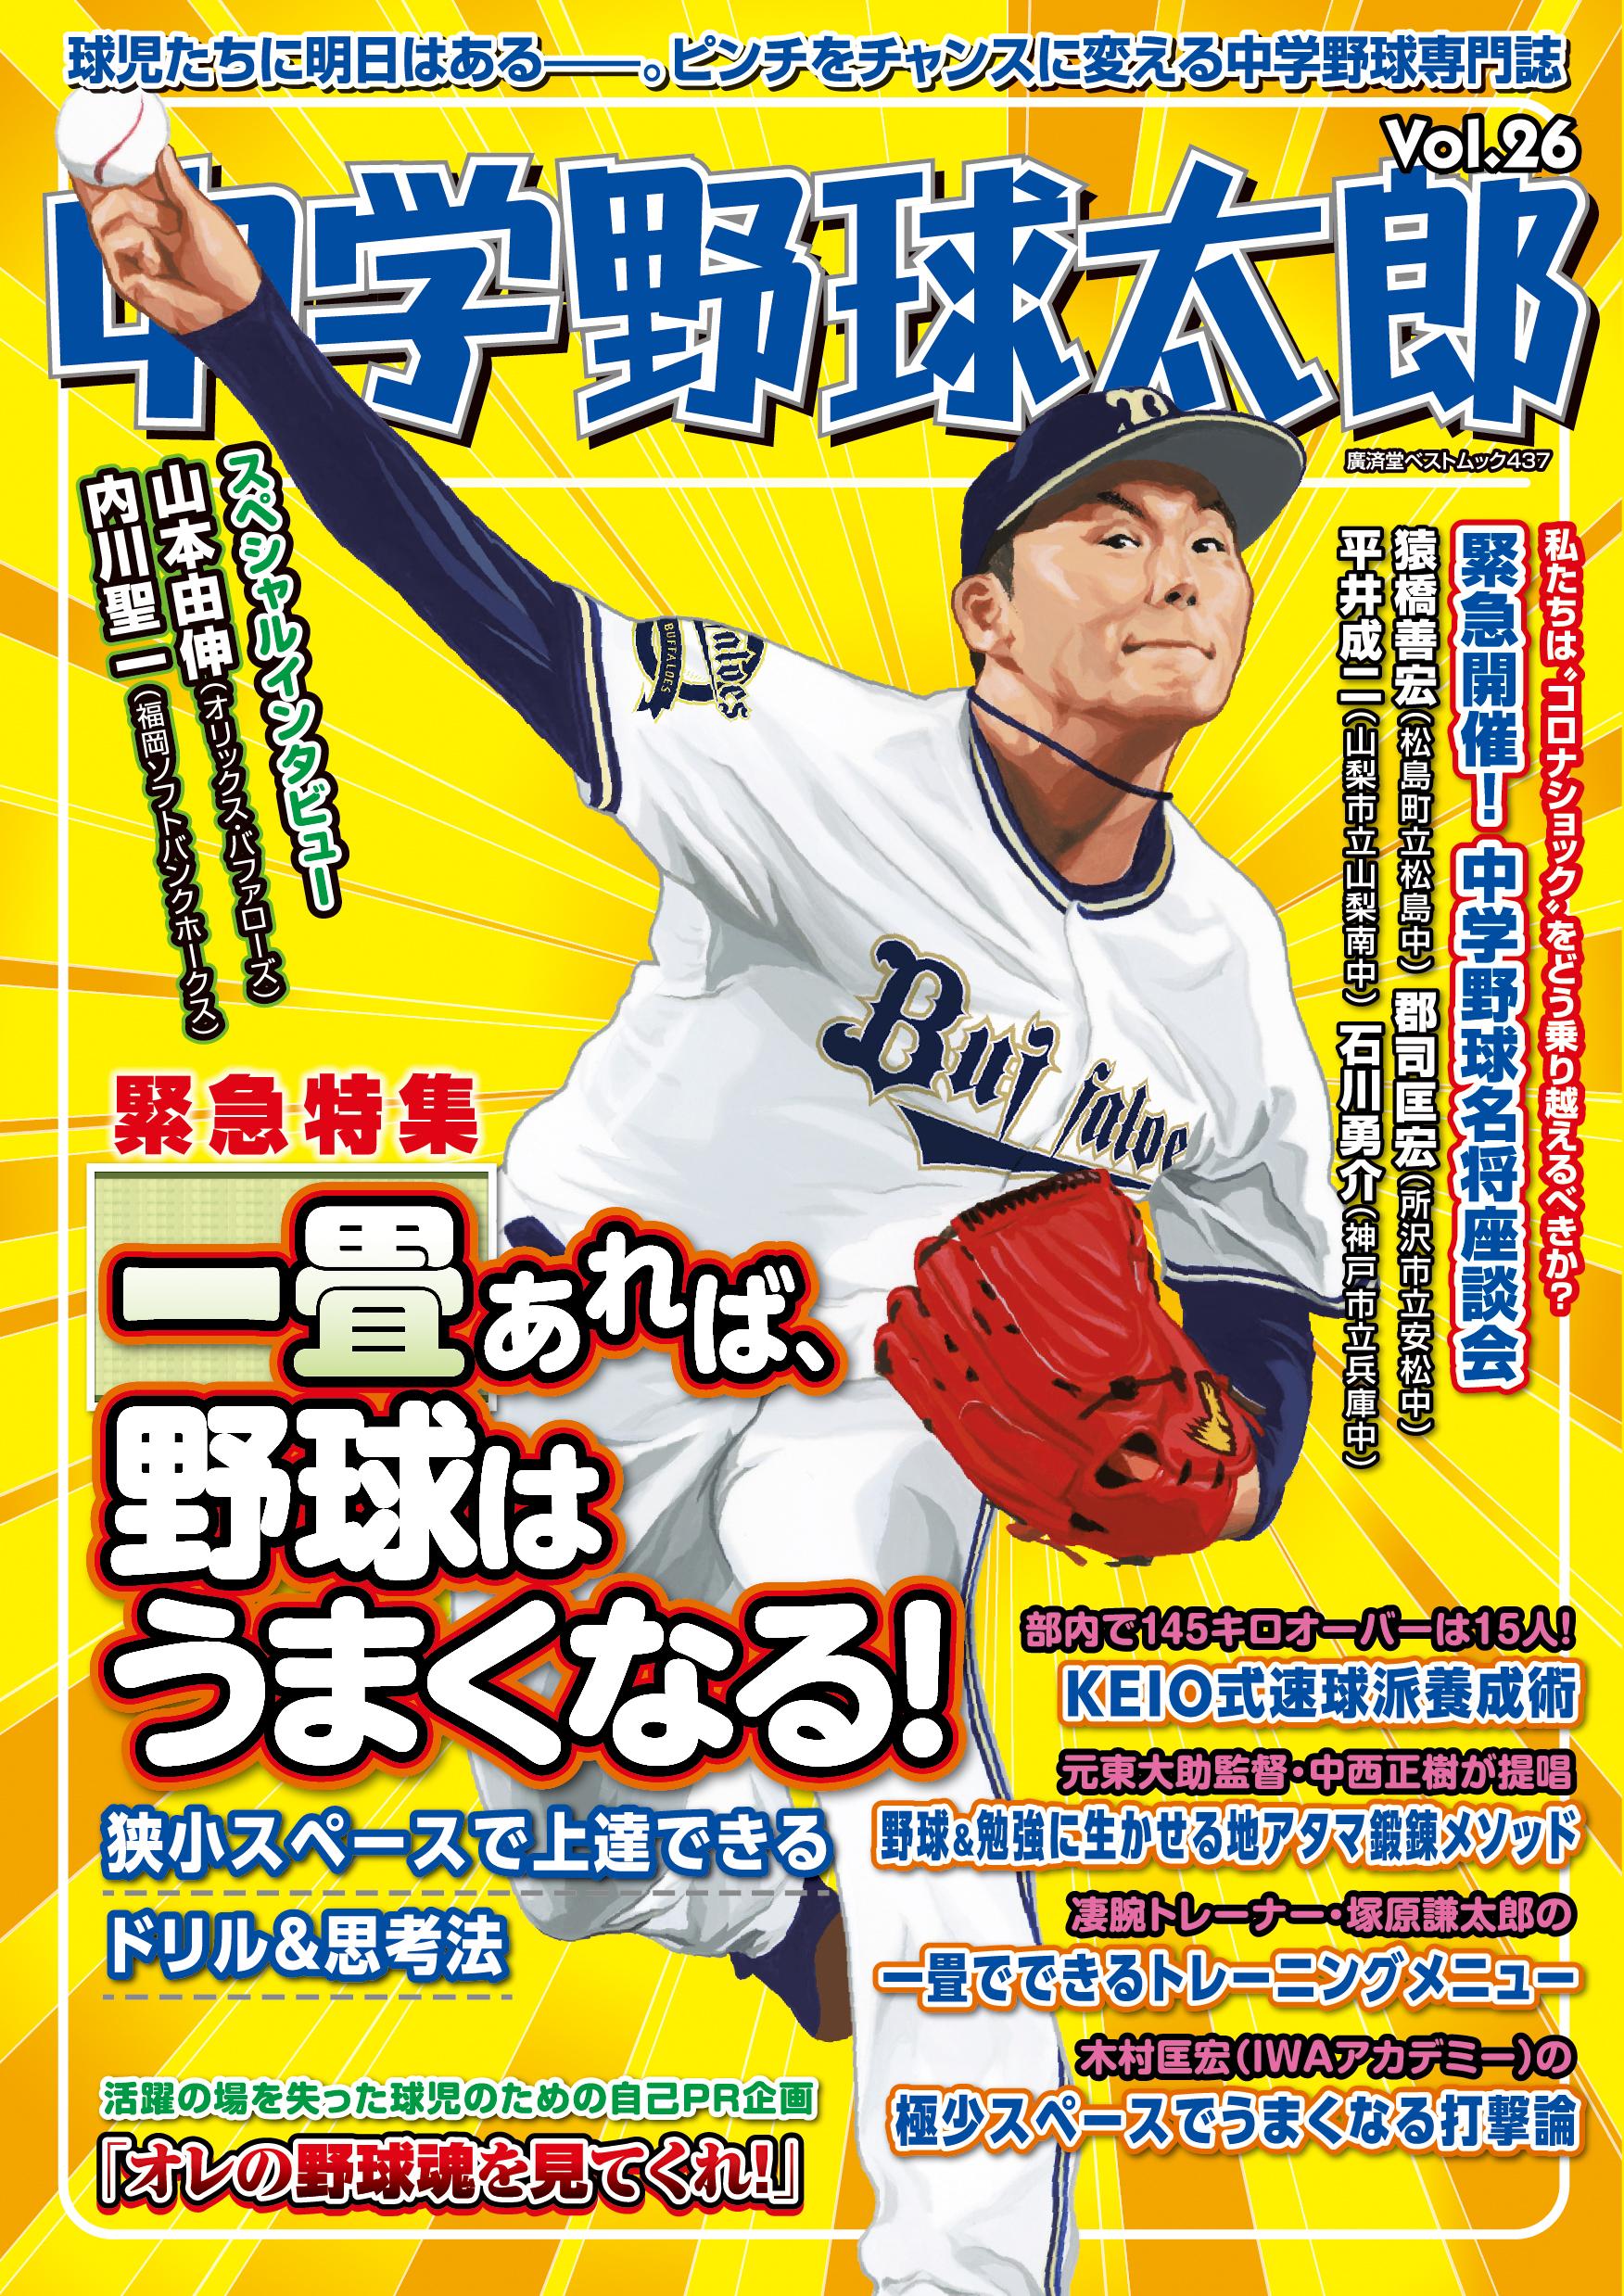 『中学野球太郎Vol.26 一畳あれば、野球はうまくなる!』少しずつ立ち読みできます!